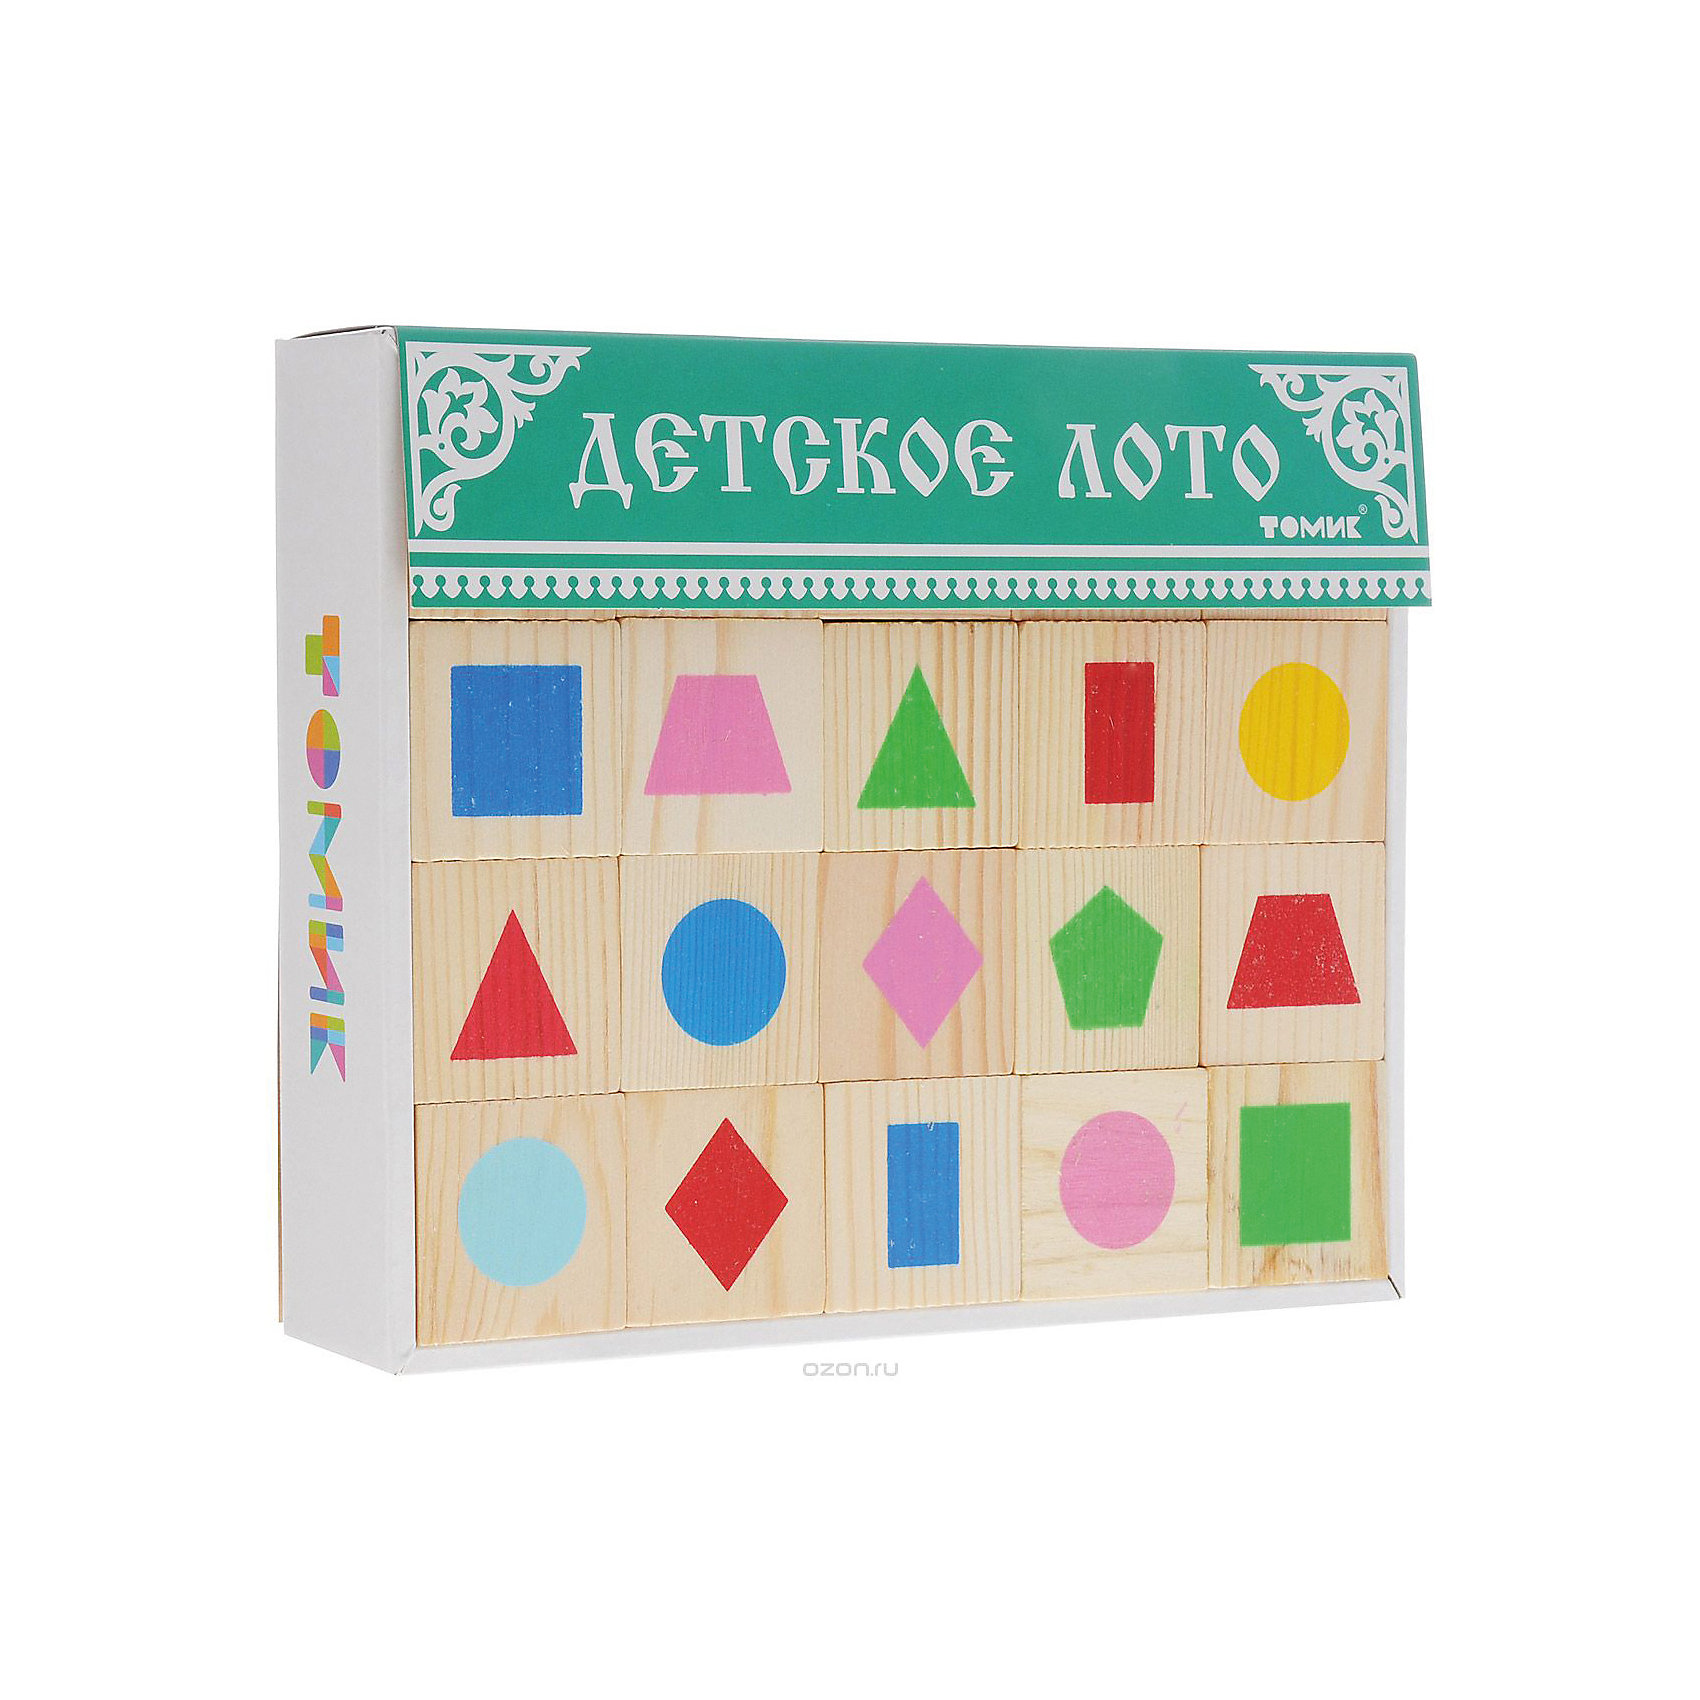 Лото Геометрические фигуры, ТомикЛото<br>Лото Геометрические фигуры, Томик - это увлекательная развивающая игра для детей.<br>Классическое лото, которое предполагает знание чисел в пределах сотни, затрудняет игру для малышей. Специально для них существует детское лото, где вместо бочонков с числами используются фишки с картинками — геометрическими фигурами, животными, игрушками. <br>В набор лото Геометрические фигуры входит 6 карточек и 48 фишек с изображением геометрических фигур разного цвета: круг, квадрат, ромб, прямоугольник, овал, треугольник, трапеция, пятиугольник. В игре могут участвовать от 2 до 6 человек. Правила игры просты — карточки распределяются между игроками, а фишки по одной достаются ведущим из мешочка и игрок, у которого на карточке есть такая же картинка, как на фишке, забирает фишку себе и закрывает ей соответствующую картинку на карточке. Тот, кто первым закрыл на своих карточках все картинки, становится победителем. Однако до того, как начать играть по-настоящему, рассмотрите фишки, назовите нарисованные на них фигуры, их цвет. Рассортируйте их вместе сначала по цвету, а потом по форме. Затем пусть малыш сделает это самостоятельно. Потом дайте ребенку карточку. Дайте ему фишку с фигурой и попросите найти такую же фигуру на карточке и закрыть ее фишкой. Когда малыш освоит сам принцип игры – лото, можно играть вдвоем или втроем. После того, как в своей традиционной форме игра будет освоена, ее можно усложнить, не показывая фишку, а подробно характеризуя изображение: У этой фигуры три угла. Она красного цвета - пусть малыш учится работать с вербальной информацией, постепенно запоминает и дает правильные названия. Играя в лото Геометрические фигуры ребенок сможет легко запомнить как простые, так и более сложные геометрические фигуры. Как и вся продукция «Томик», детали лото сделаны из чистого дерева и сертифицированы для малышей, а нанесённые шелкографией рисунки долговечны и надёжны.<br><br>Дополнительная информация:<br><br>- В наборе: 48 дерев